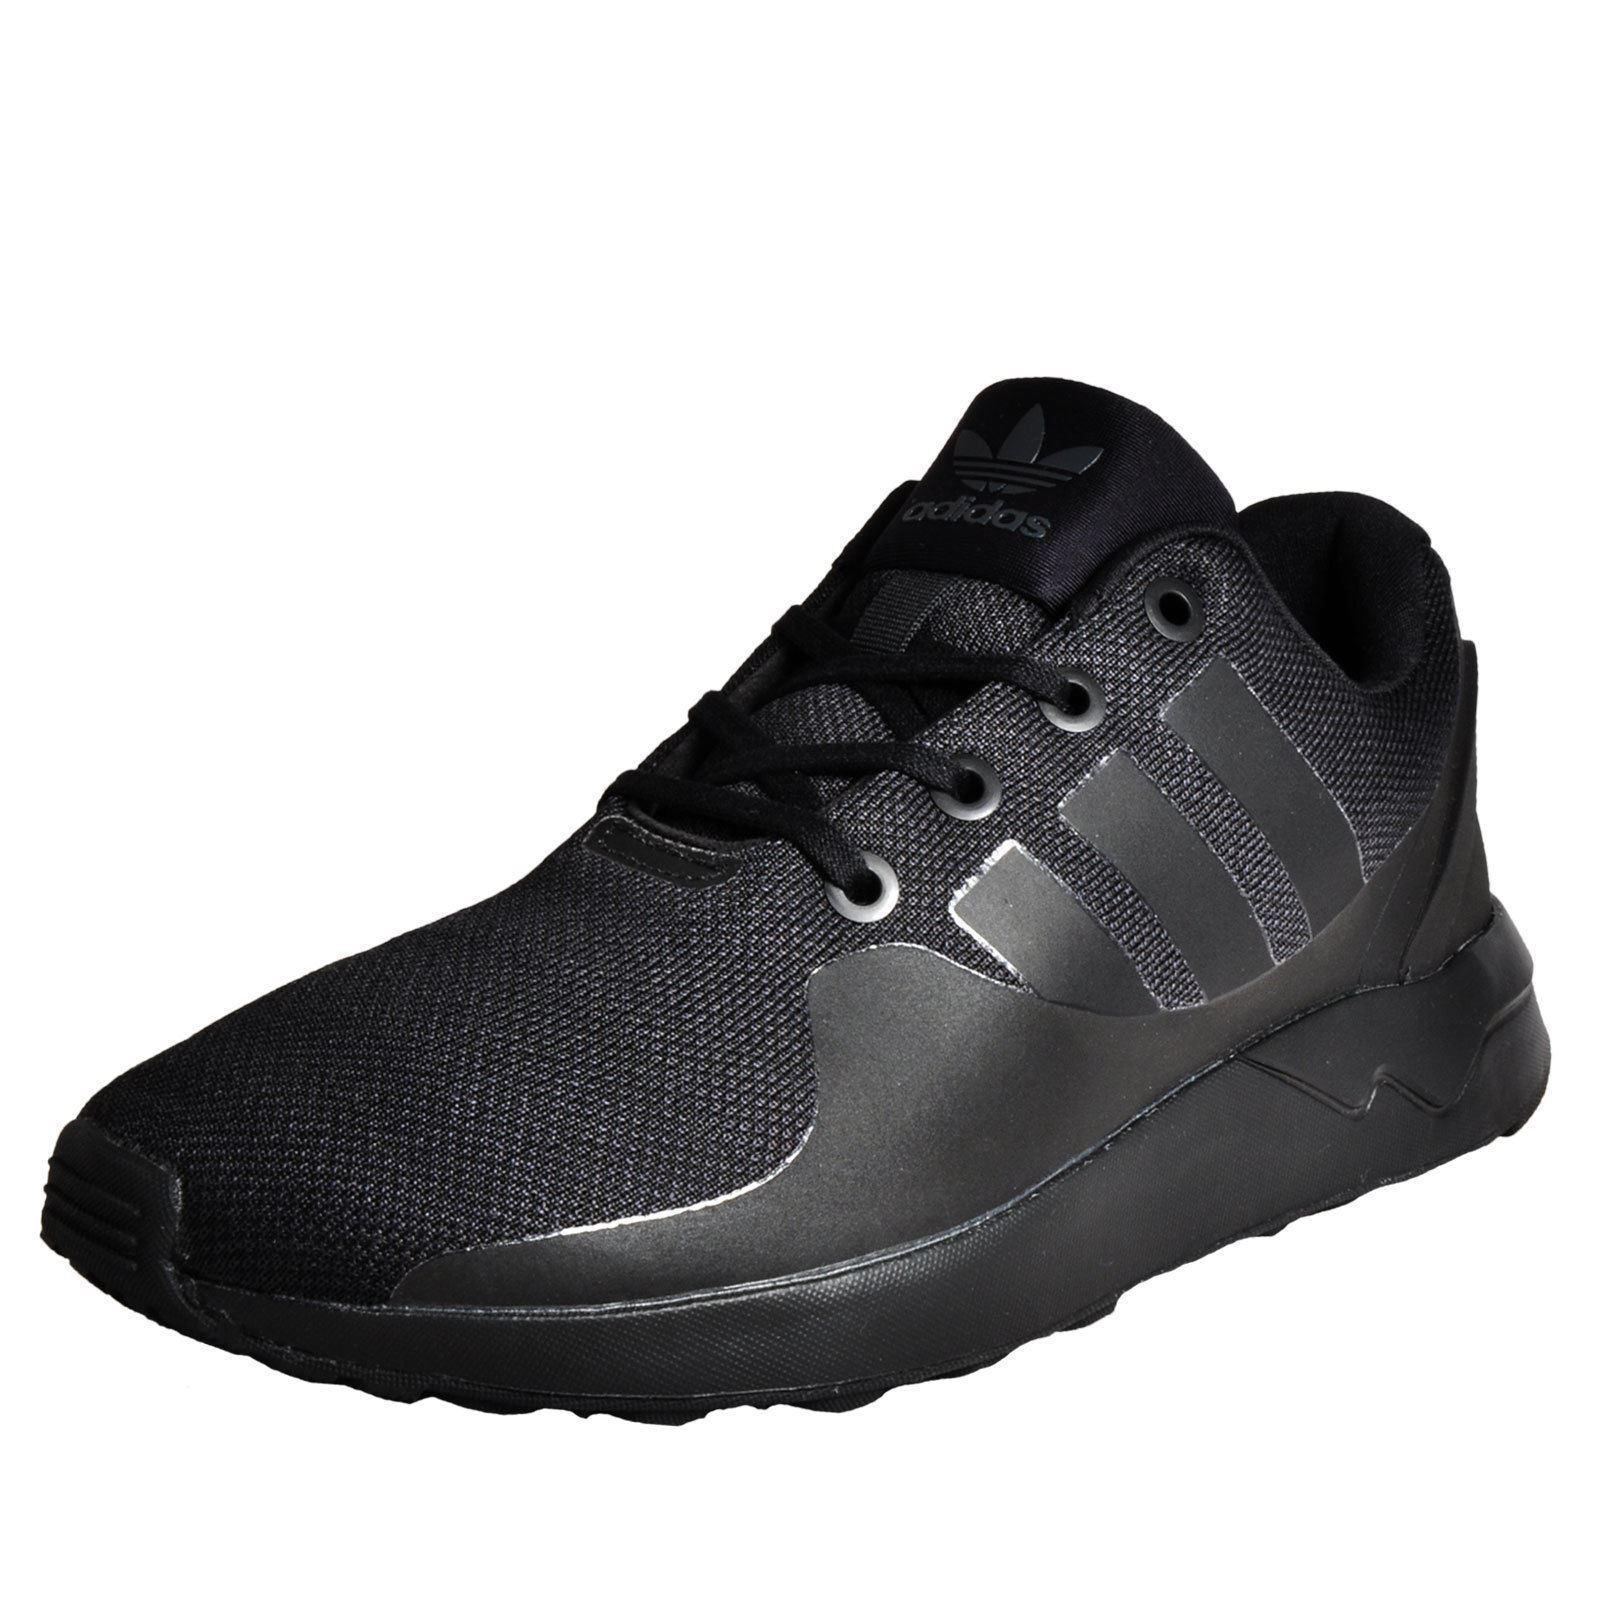 Adidas Originals ZX Flux ADV Tech Zapatillas Zapatos para hombre Negro Zapatillas Zapatos Zapatillas Calzado 971a2a